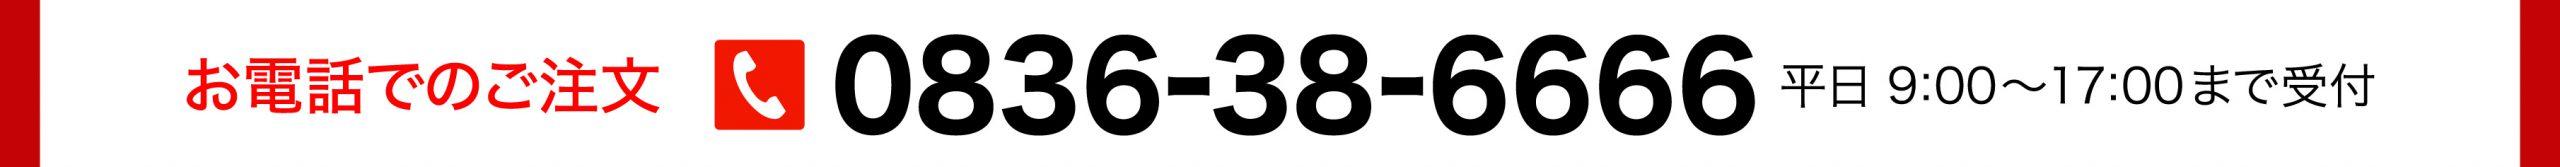 セルプ 藤山電話問い合わせ0836-38-6666